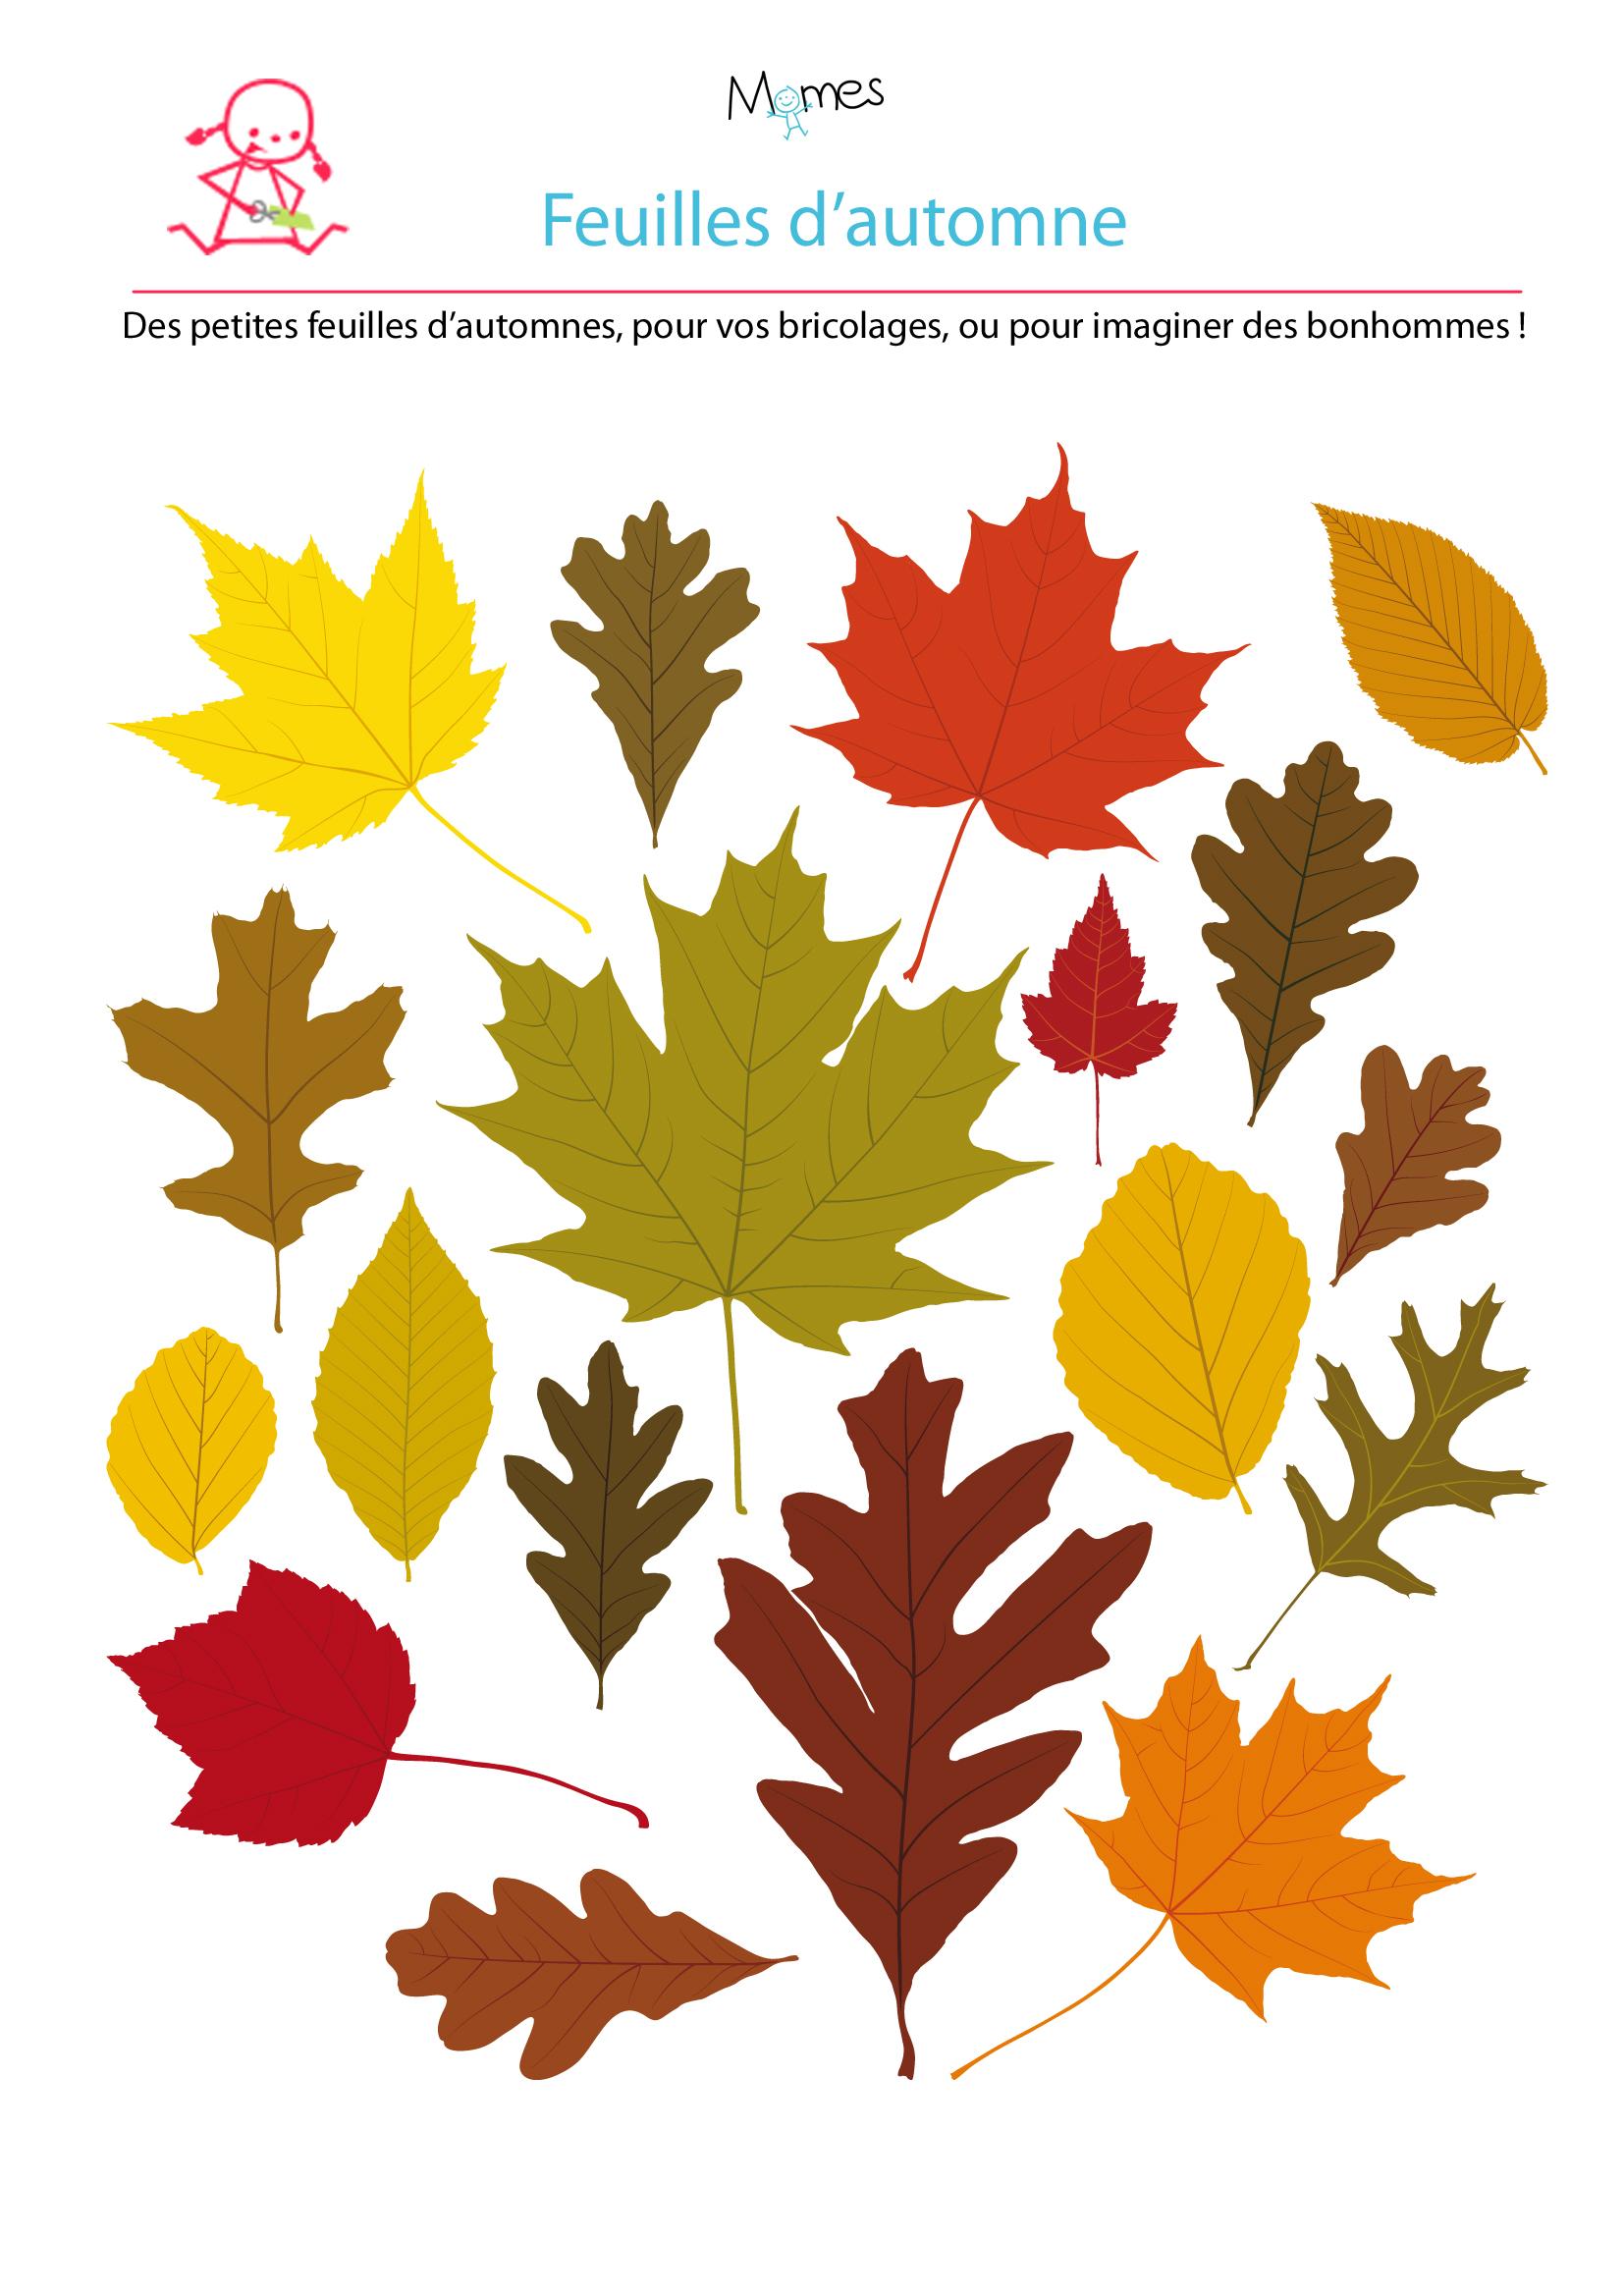 Mod le de feuille d 39 automne - Bricolage feuille d automne ...